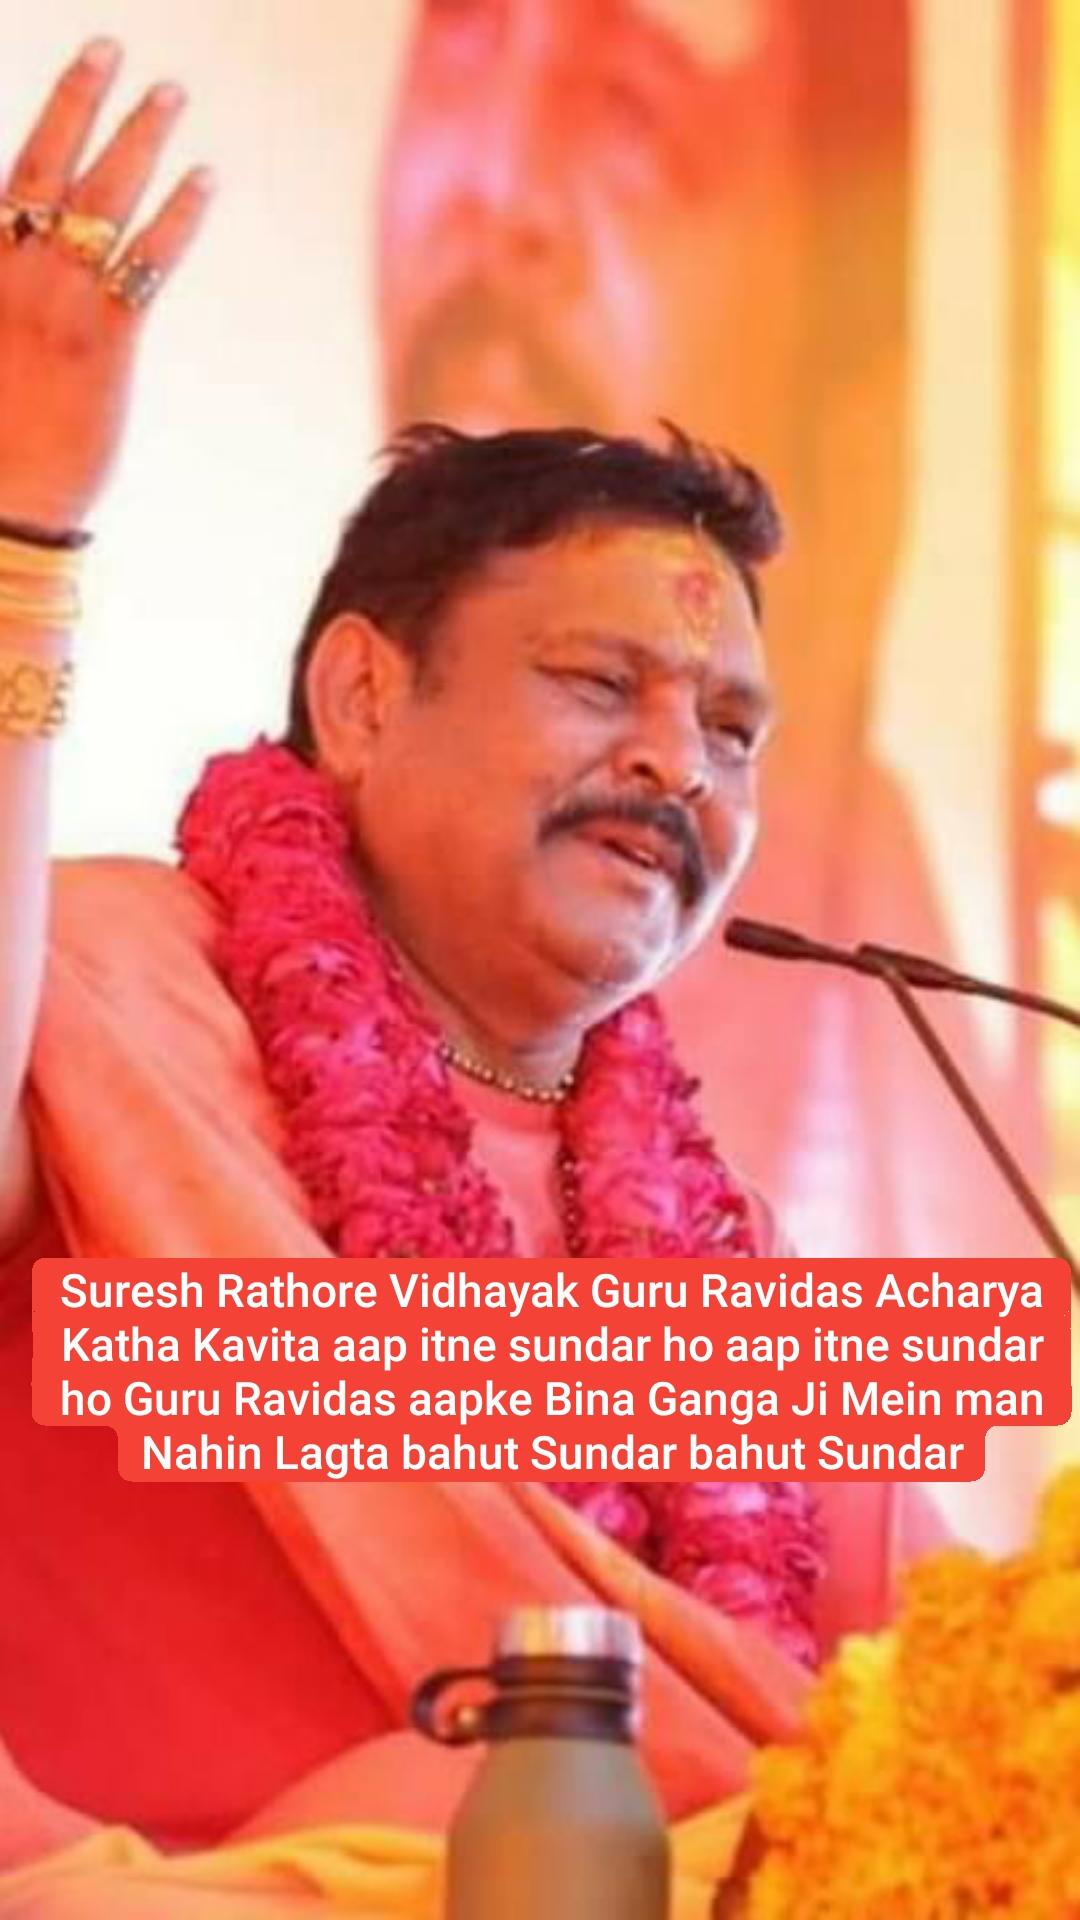 Suresh Rathore Vidhayak Guru Ravidas Acharya Katha Kavita aap itne sundar ho aap itne sundar ho Guru Ravidas aapke Bina Ganga Ji Mein man Nahin Lagta bahut Sundar bahut Sundar